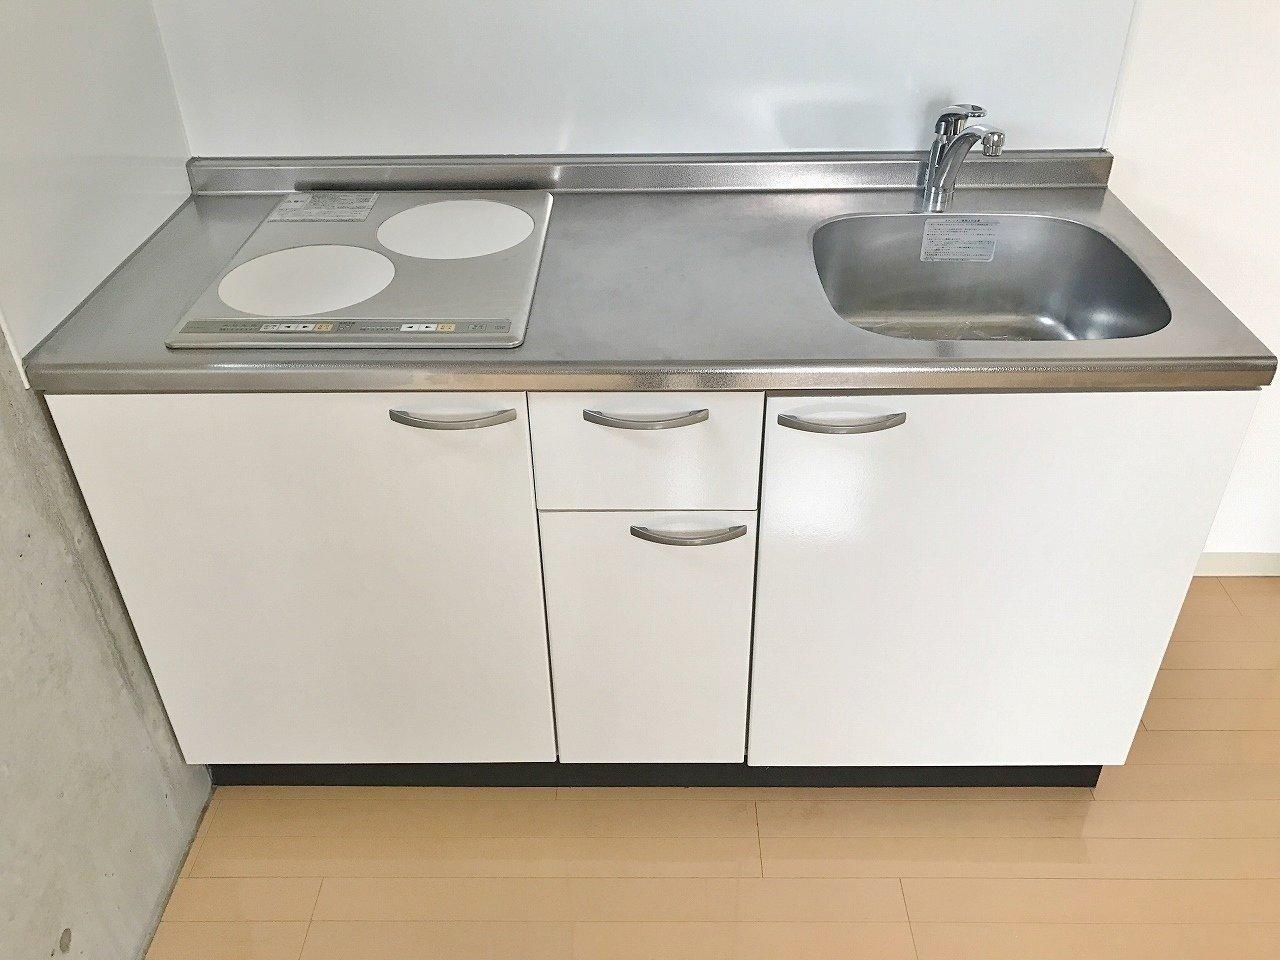 キッチンは作業スペースもしっかりありますよ。二口のIHコンロもついているので、料理好きな方にぴったりです。